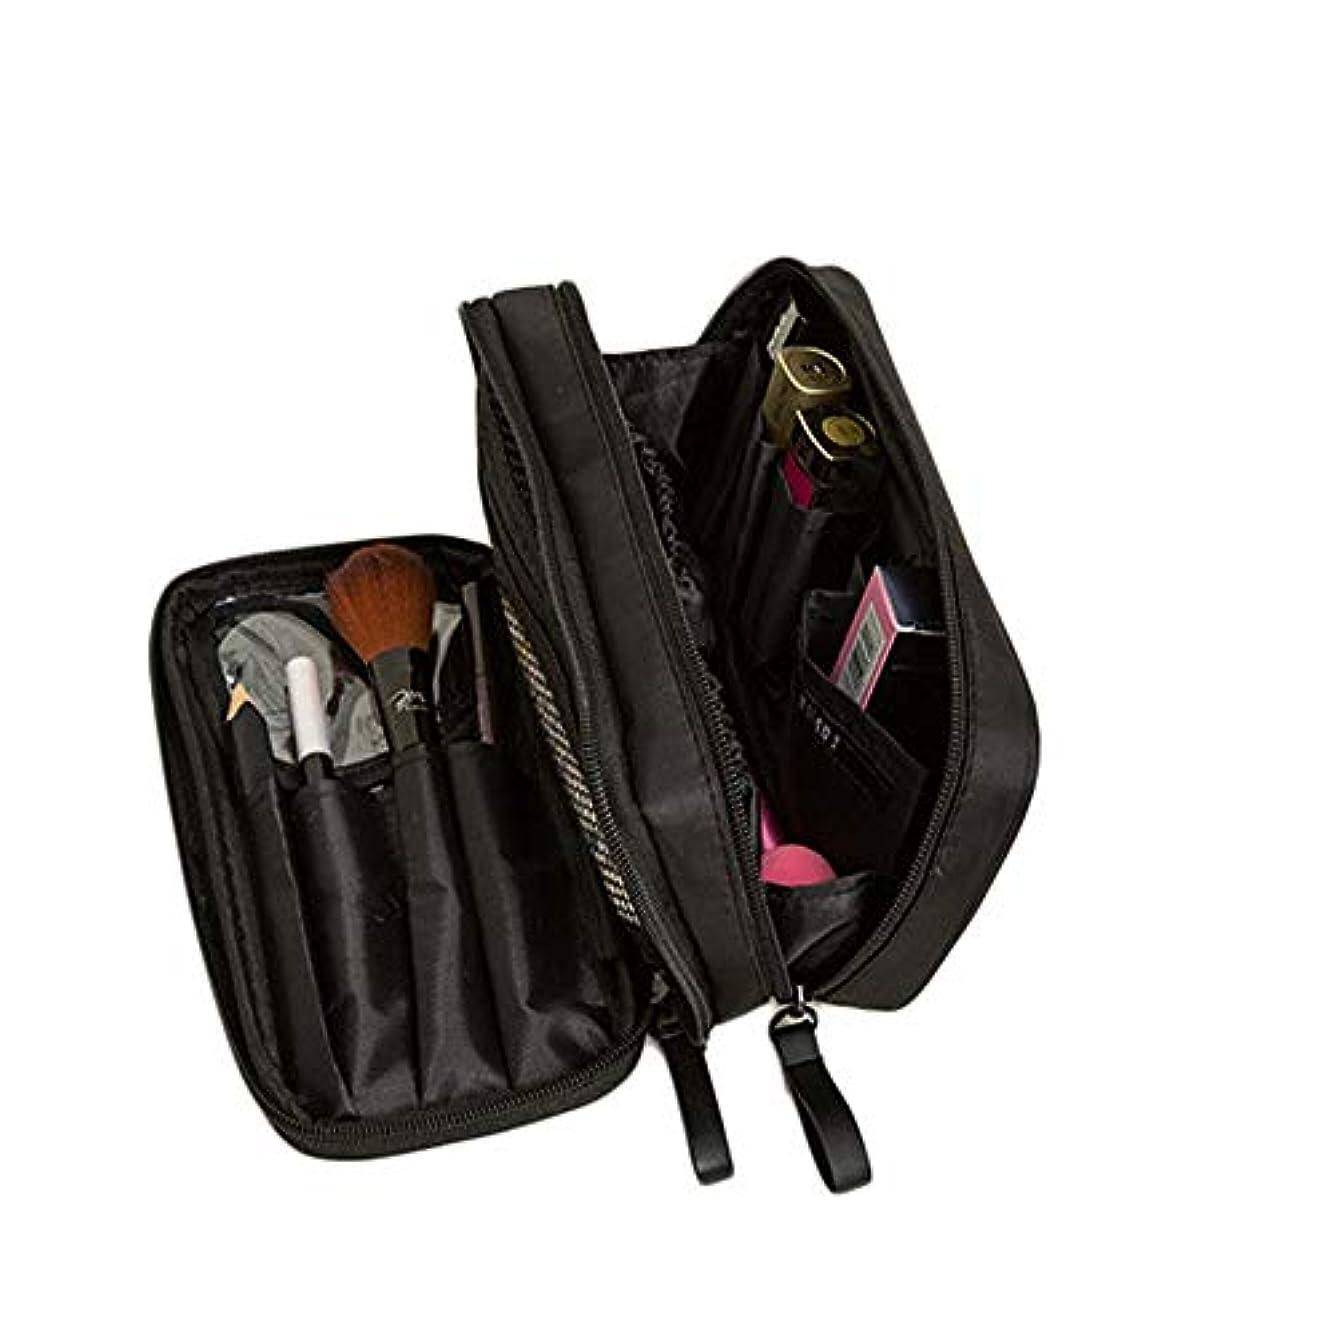 第九違うシガレット特大スペース収納ビューティーボックス 携帯用化粧品袋、専門の化粧品袋の札入れの旅行者の密集した二重層化粧品/化粧品のブラシ袋の女性、旅行/電車セットの貯蔵袋。 化粧品化粧台 (色 : ブラック)